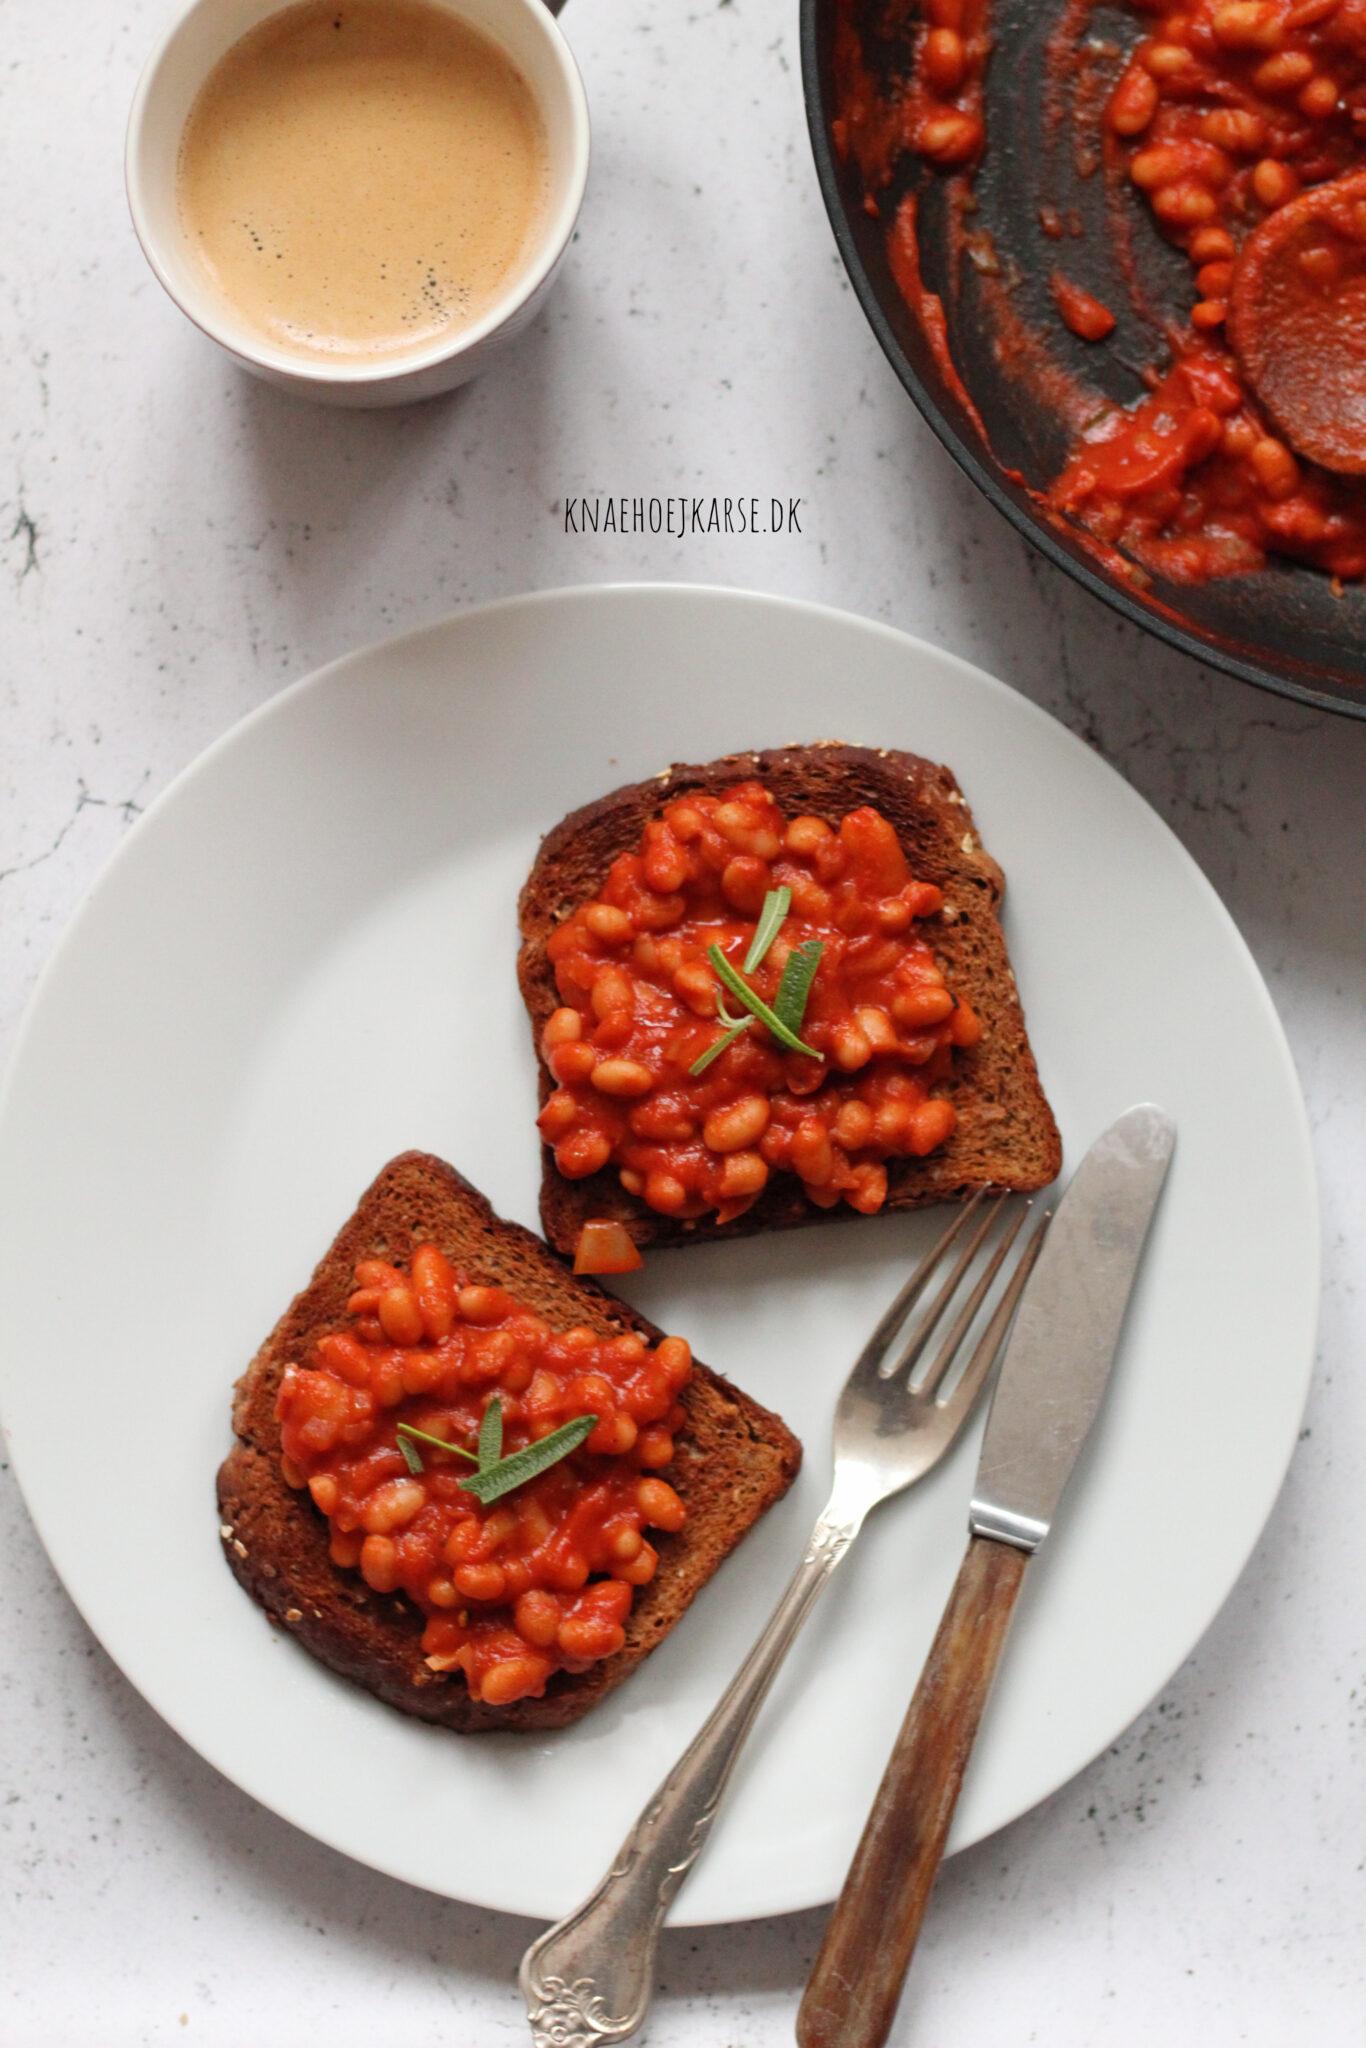 Hjemmelavet opskrift på Baked Beans